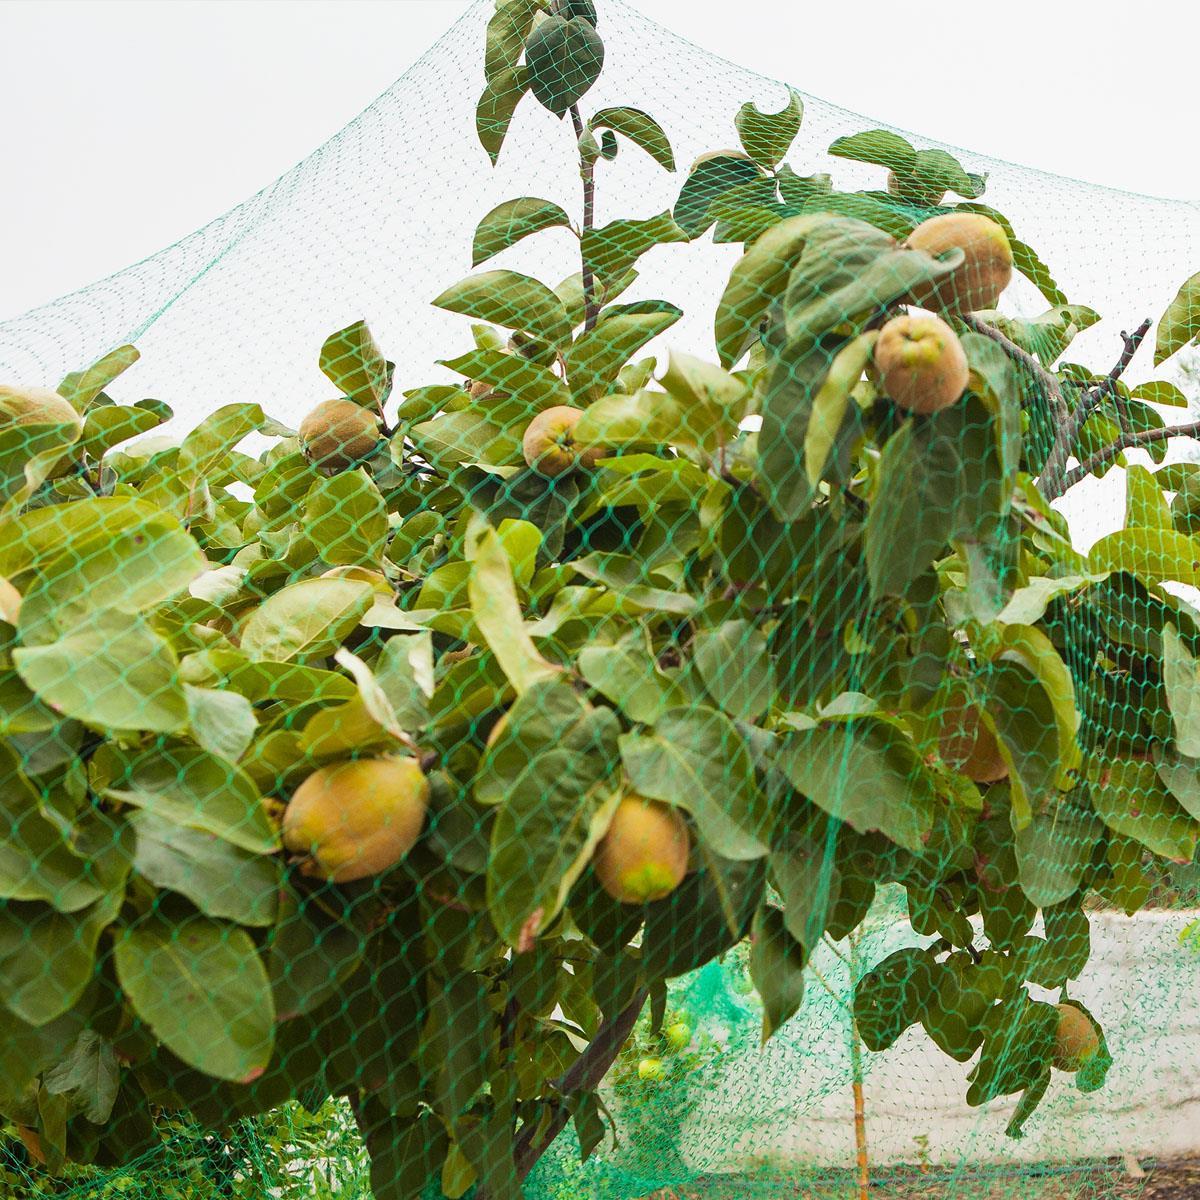 Détails Sur Anti Oiseau Pond Net Jardin Filet Légumes Fruit Cultures  Plantes Protection Housse Maille- Afficher Le Titre D'origine à Filet De Protection Jardin